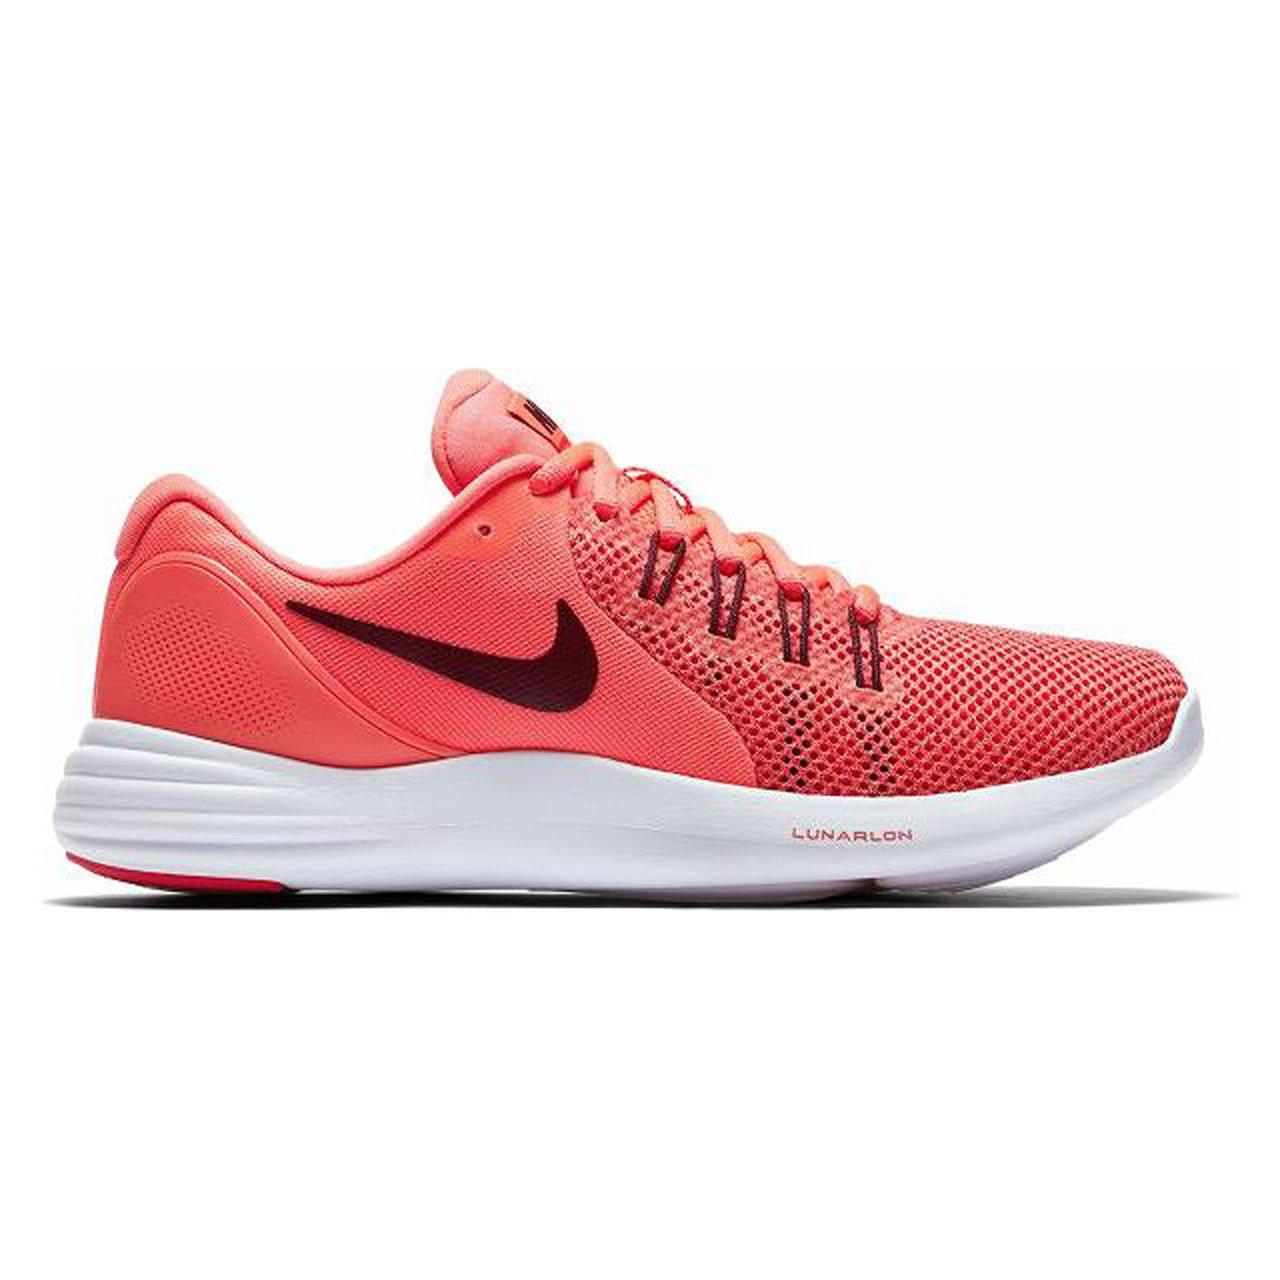 sneakers for cheap fbf9e 674bc Nike Lunar Apparent Chaussures de Course pour Femme Amazon.fr Sports et  Loisirs